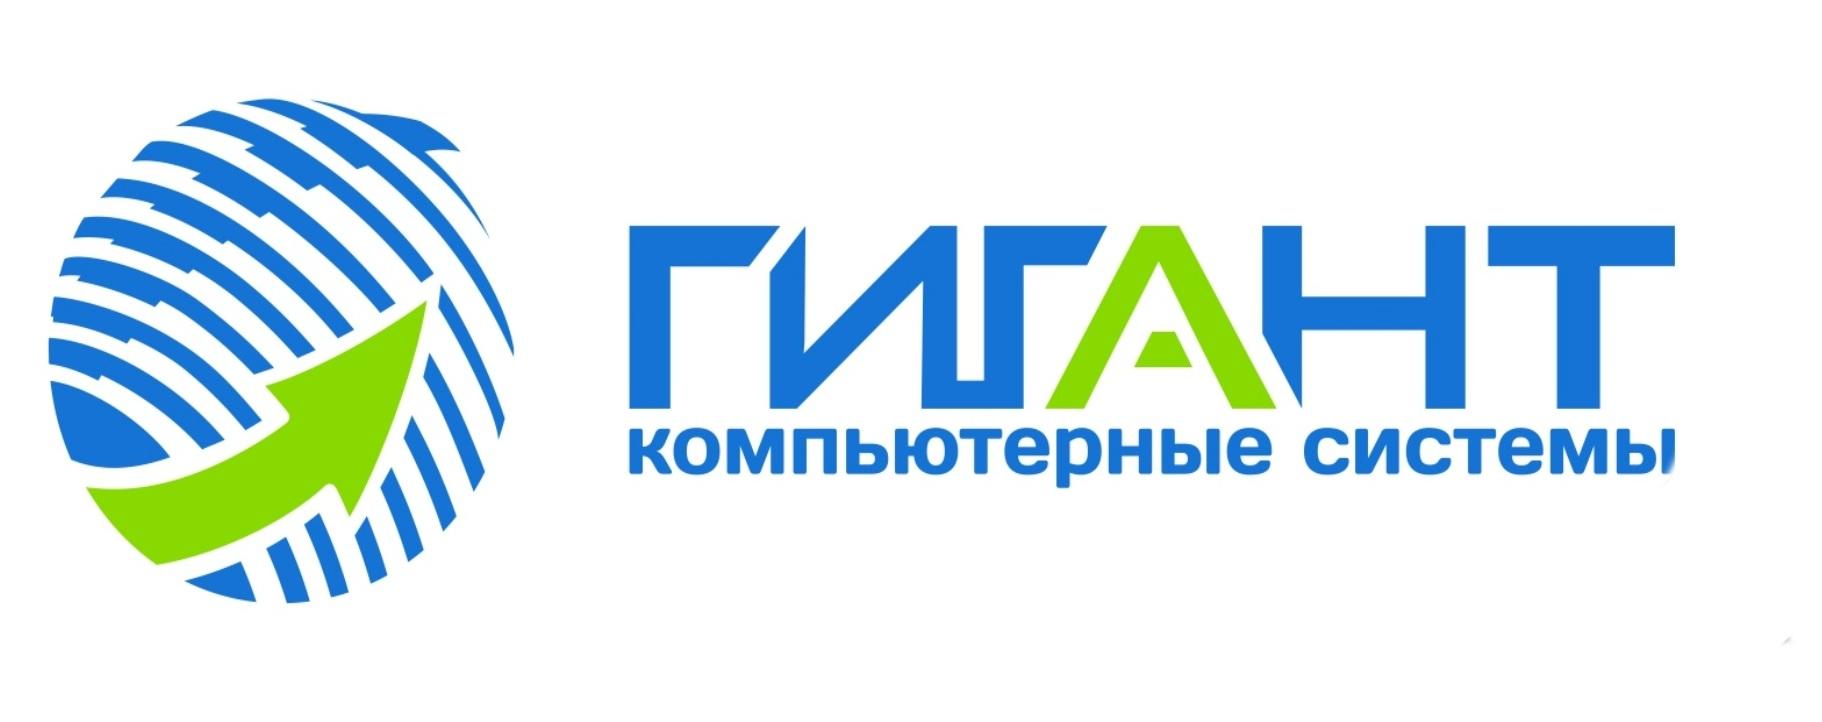 Работа в компании «ООО Гигант компьютерные системы» в Москвы